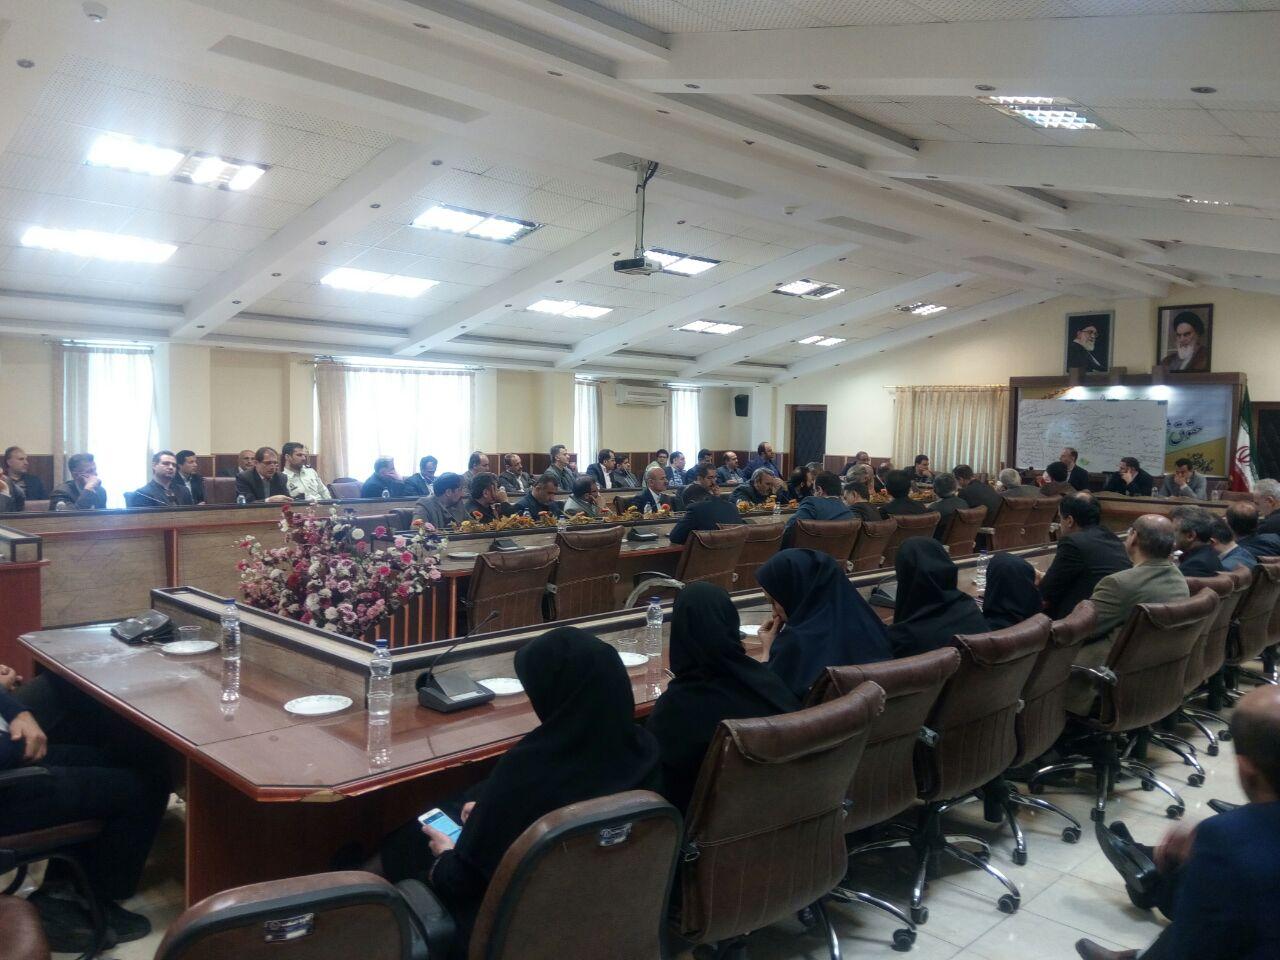 برگزاری کارگاه آموزشی با موضوع حقوق شهروندی در ادارات و نهادها زیر نظر استاد بیژن عباسی